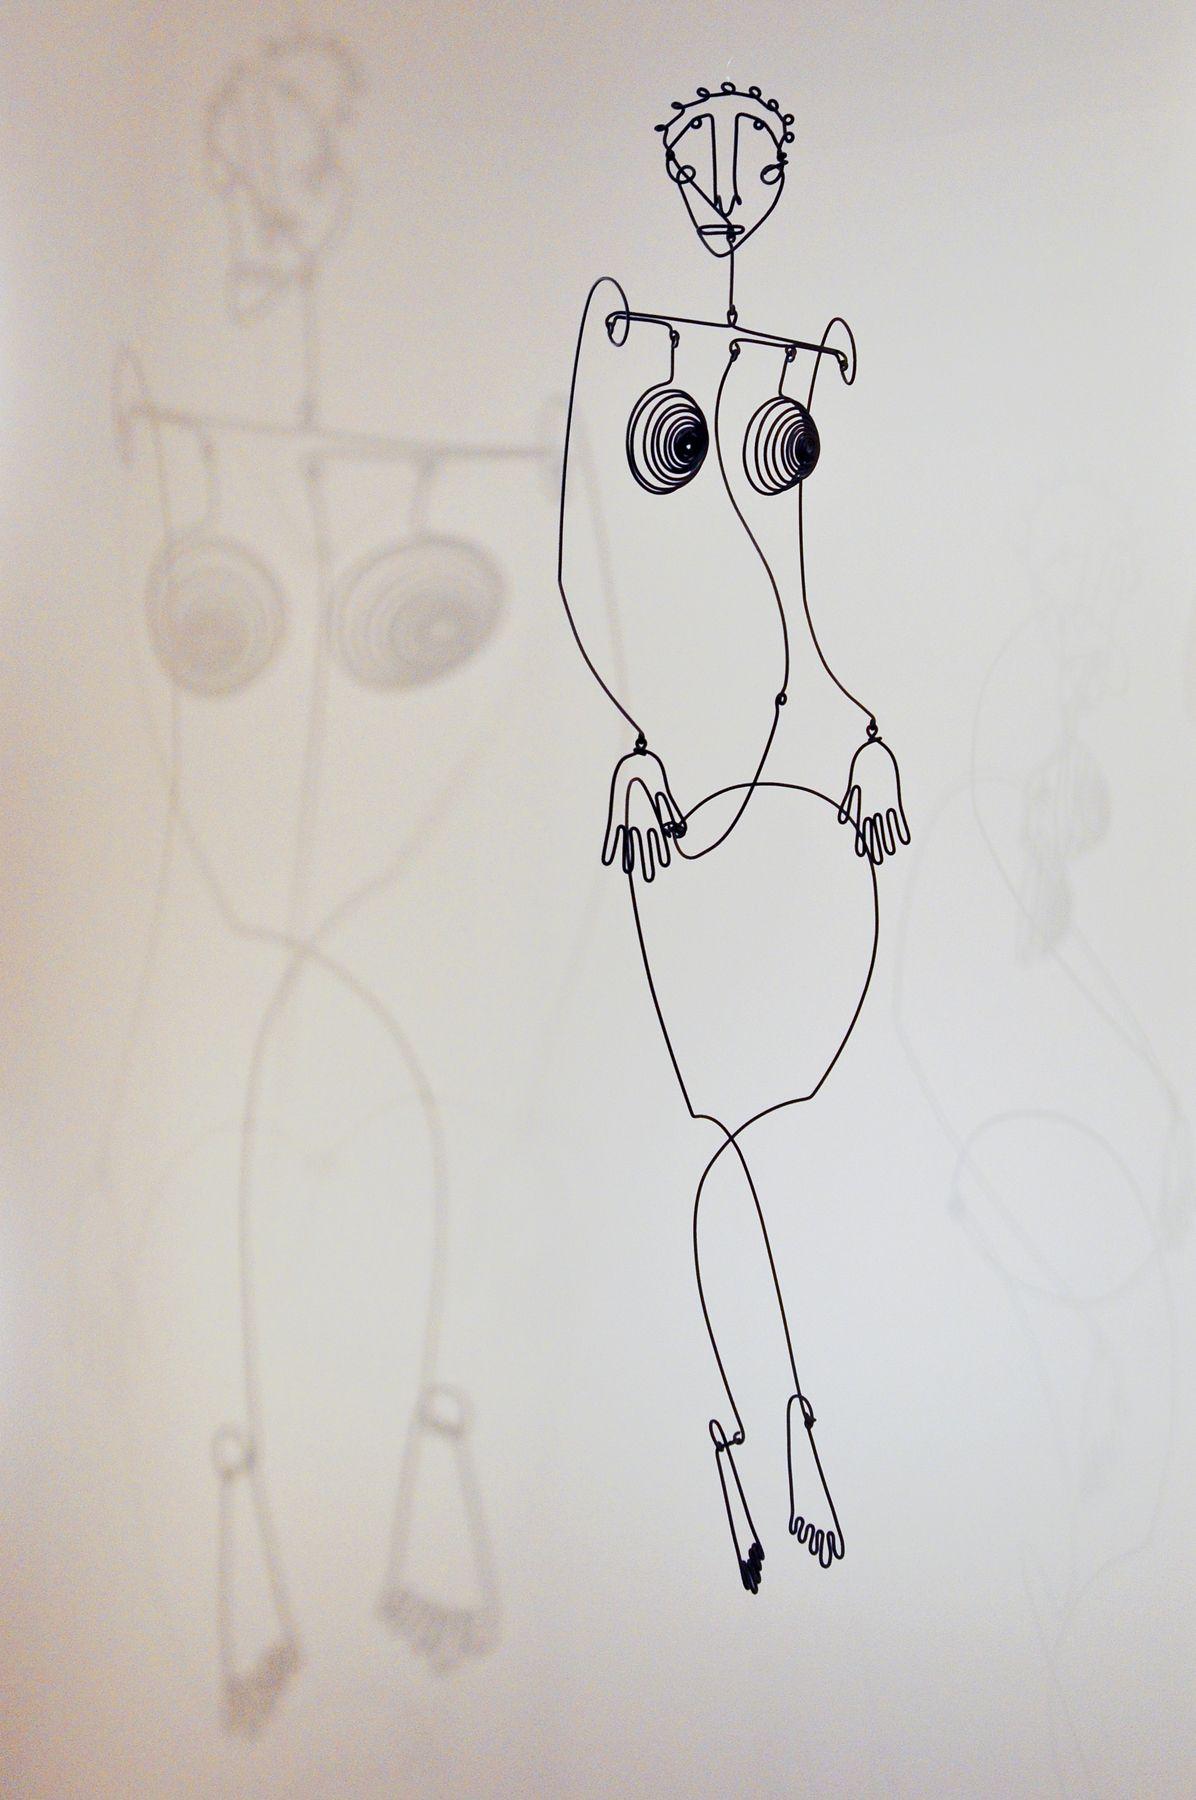 Calder Wire Sculpture   wire sculpture by Alexander Calder, National ...